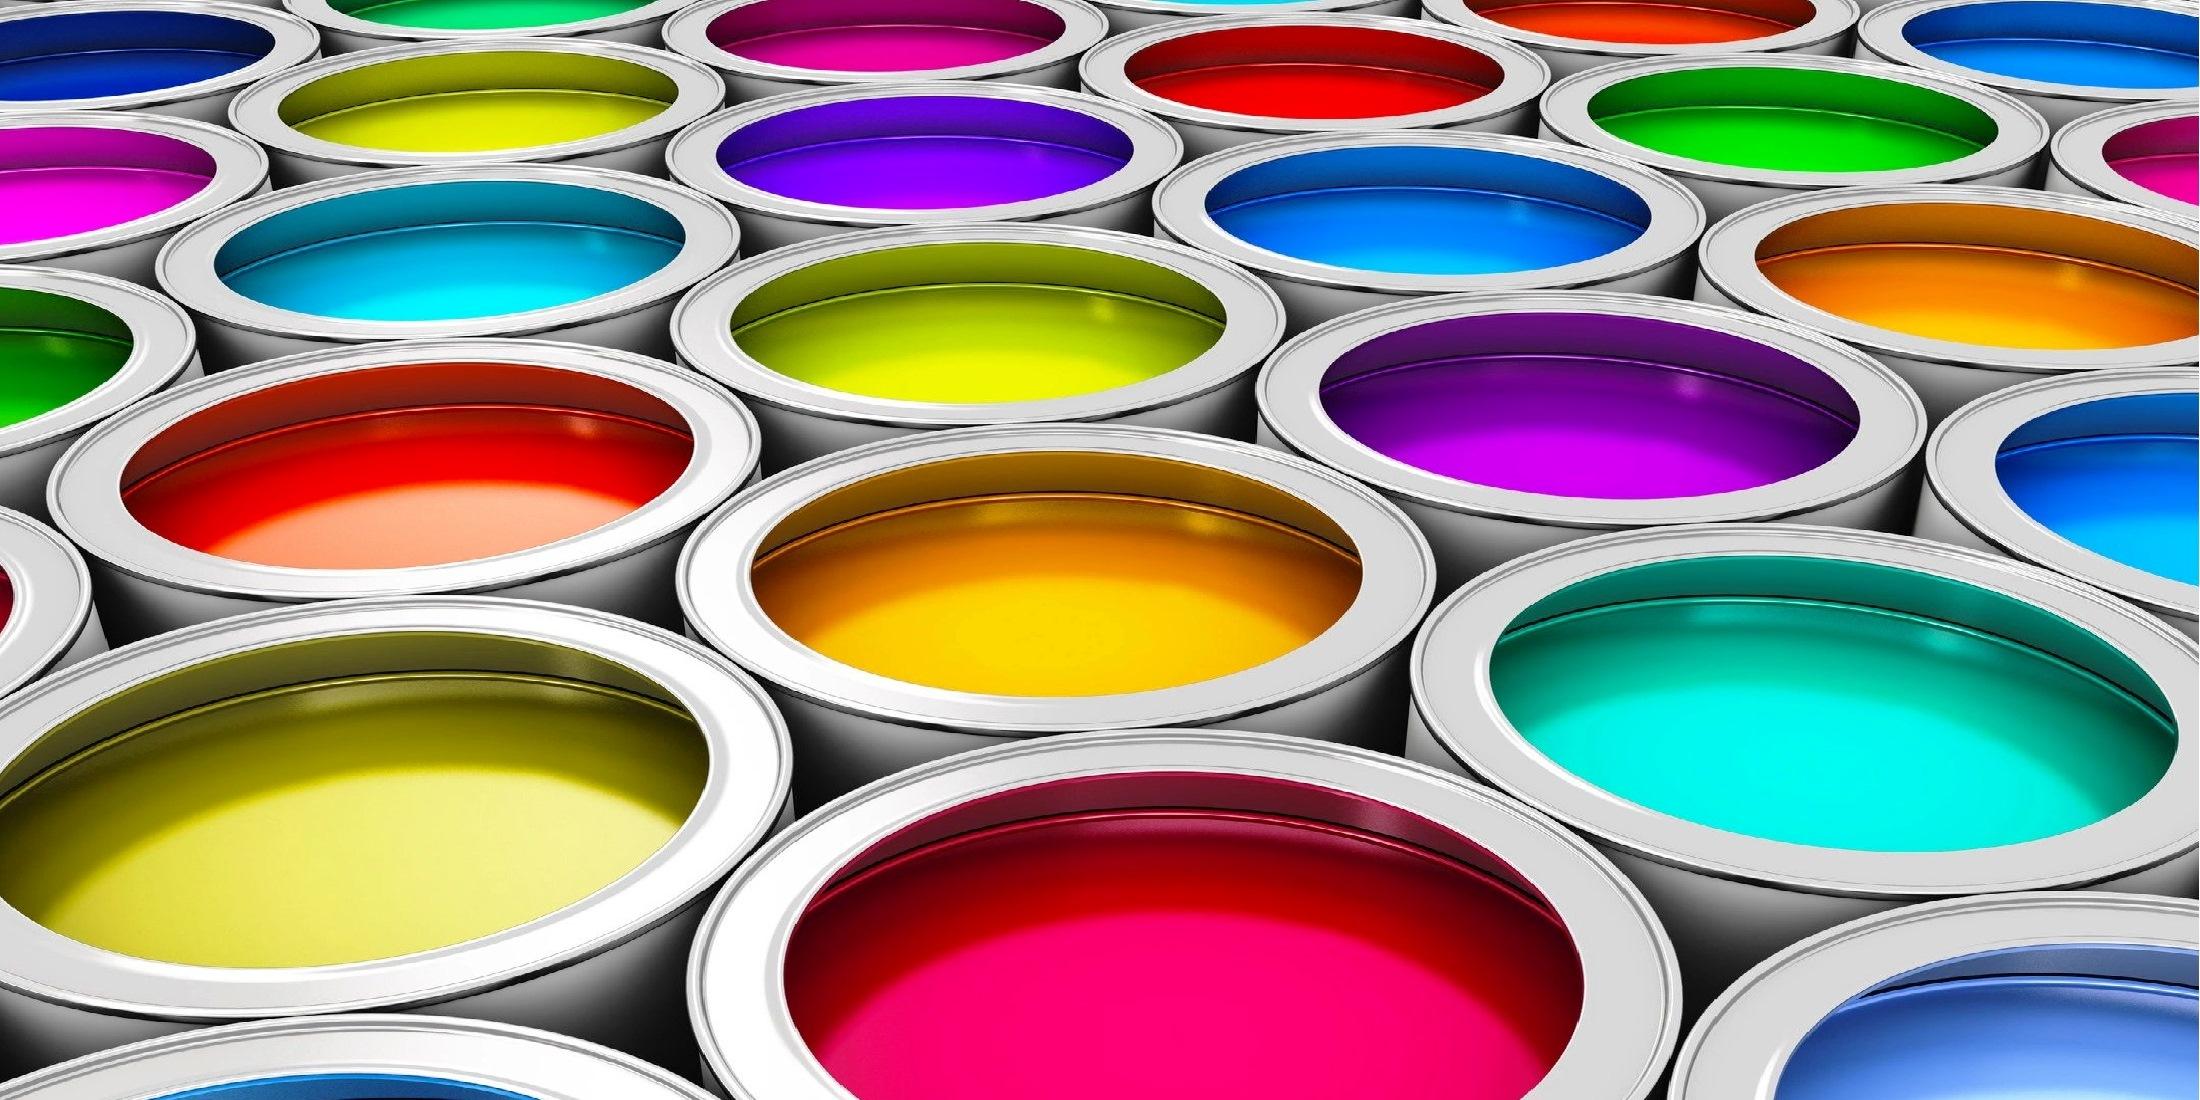 Лаки и краски: краткая характеристика некоторых видов